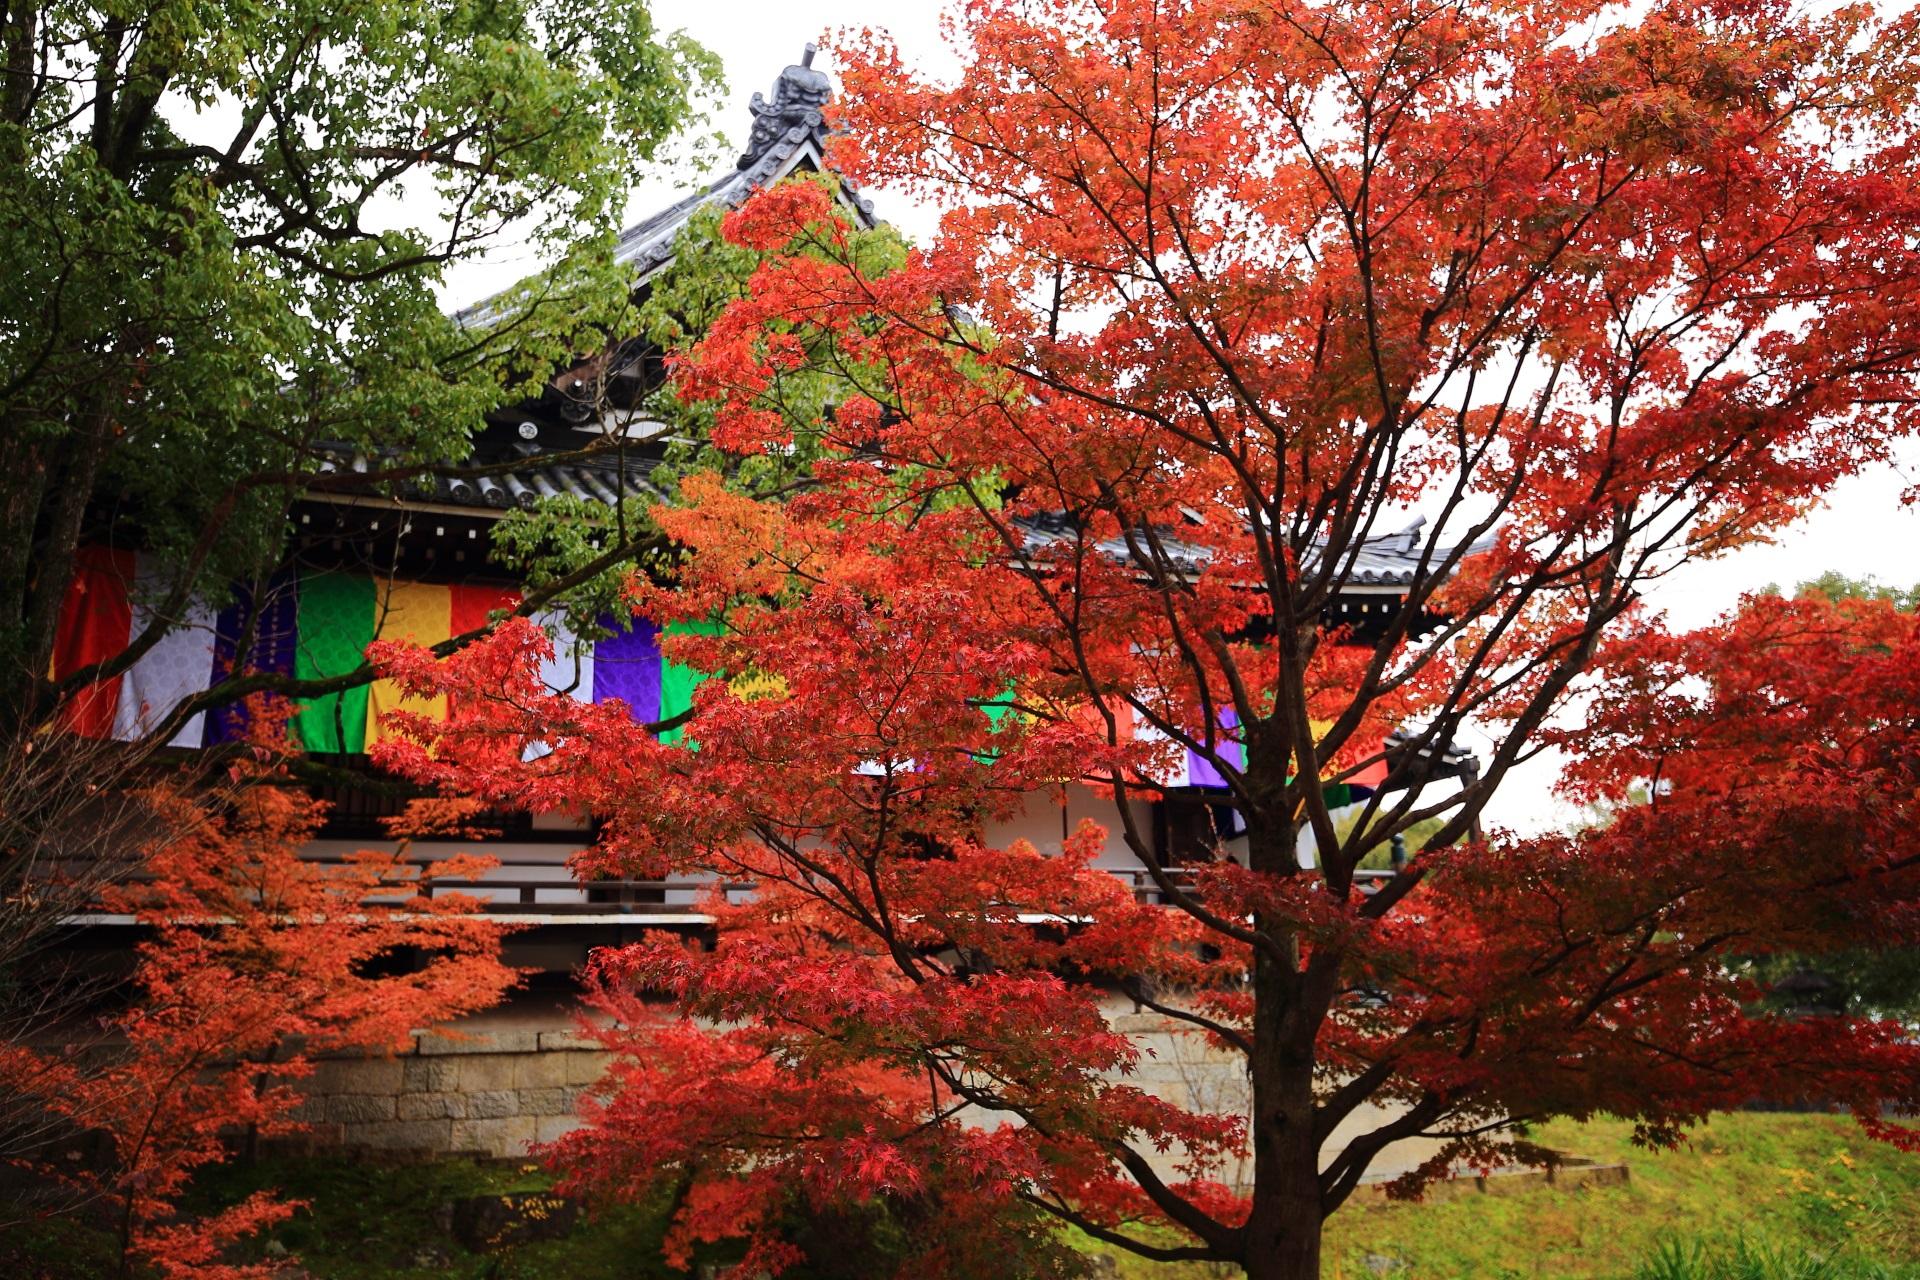 明王殿を彩る鮮やかな赤い紅葉